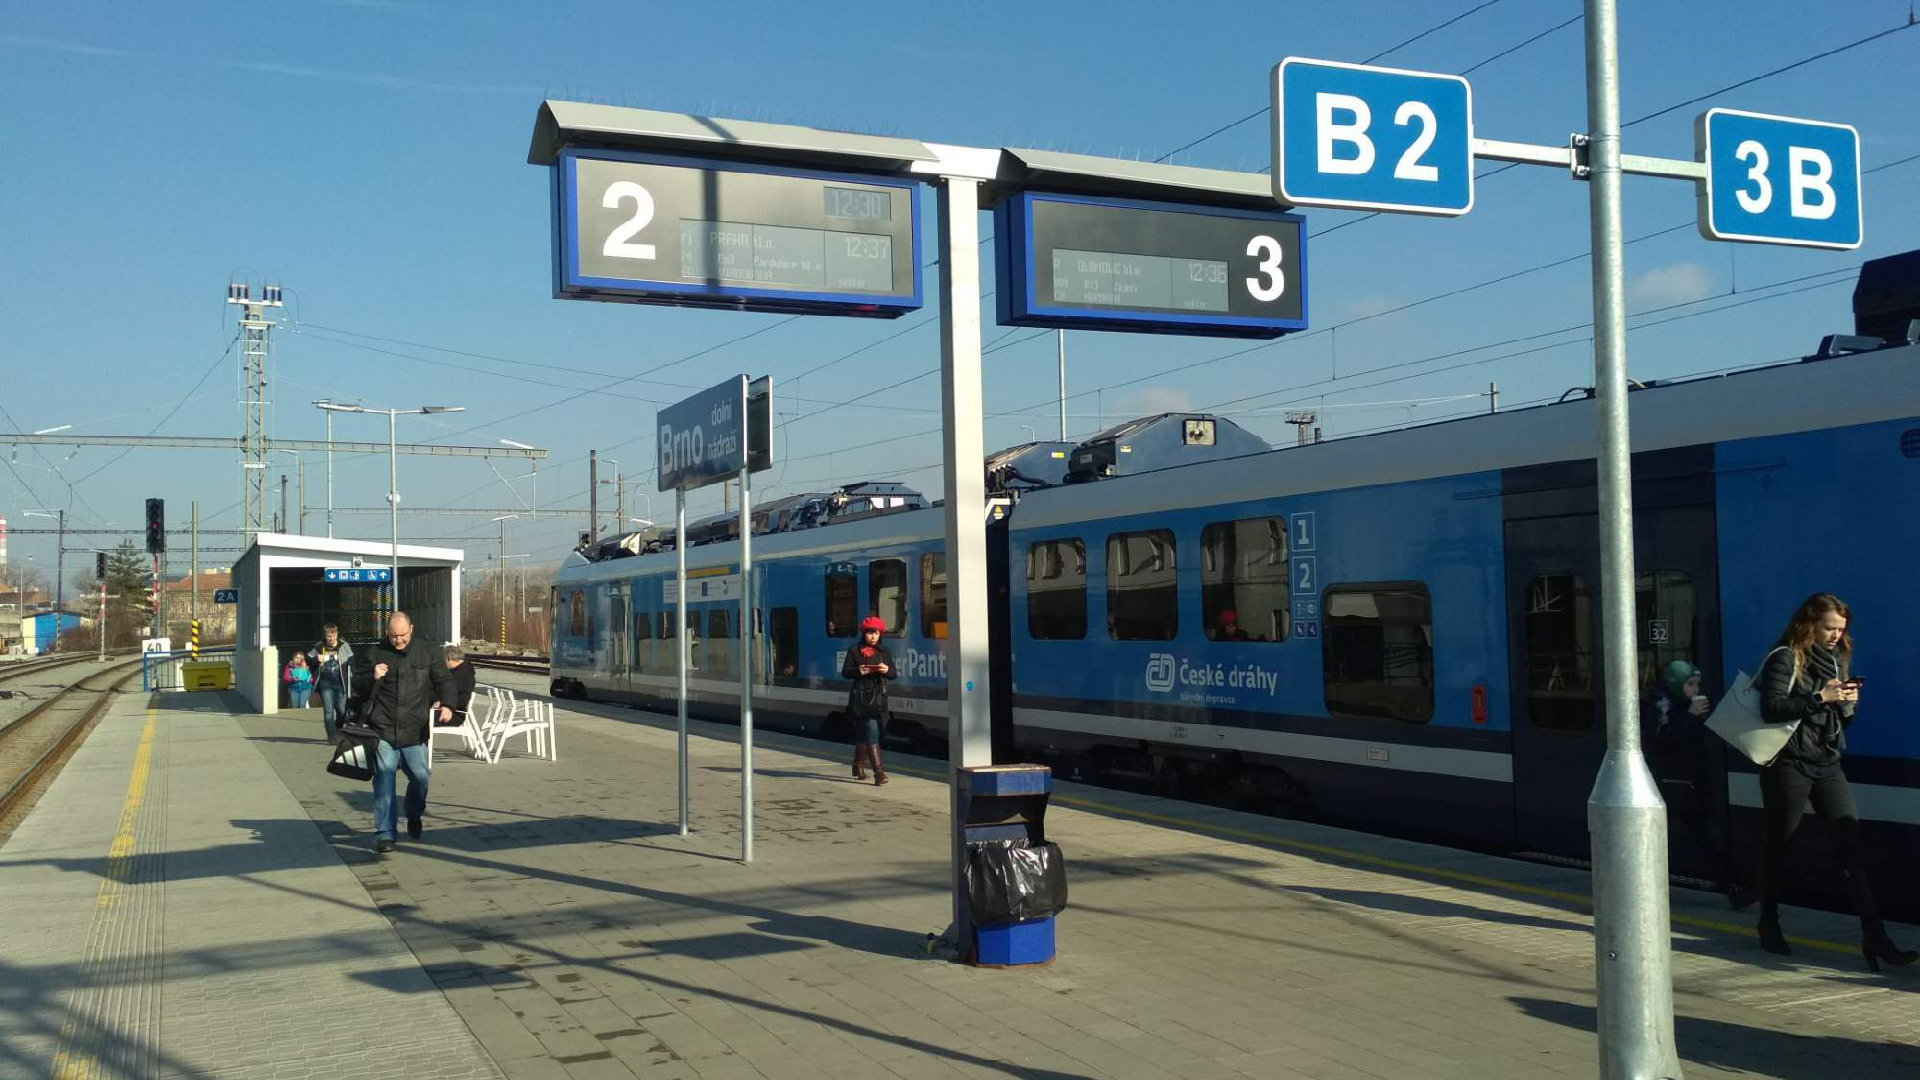 Brno dolní nádraží – Mapy, výluka a aktuální informace